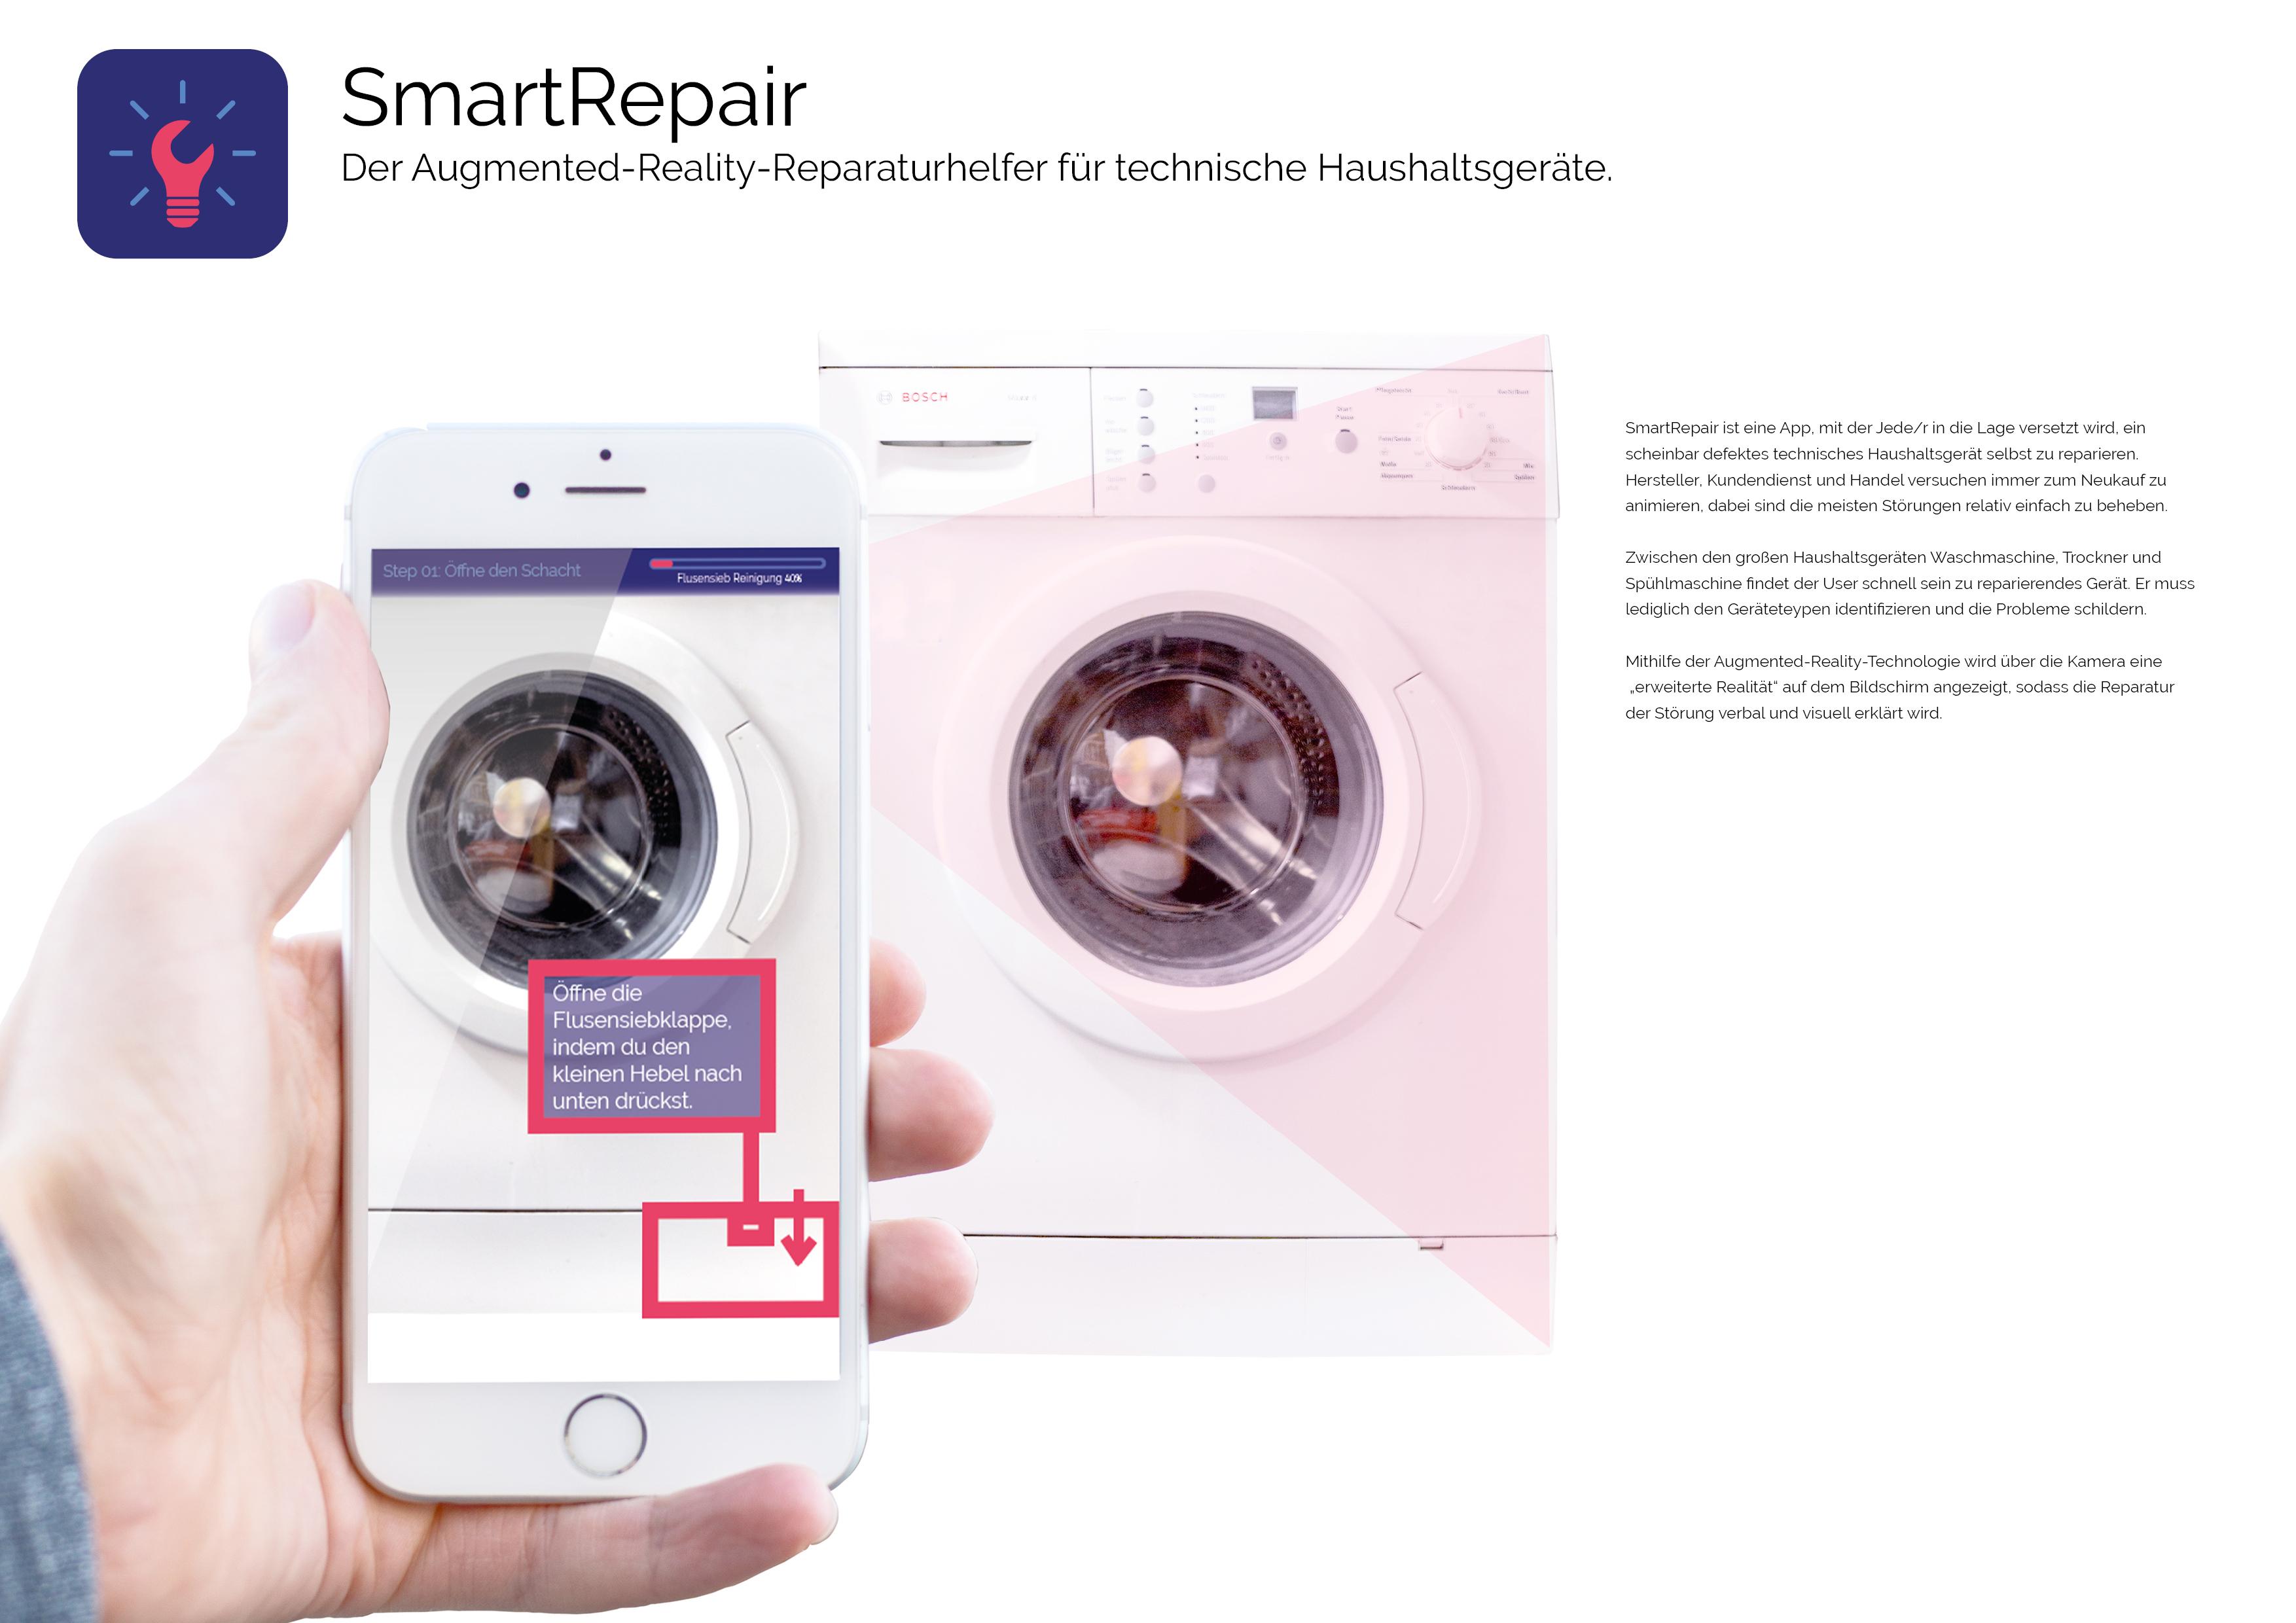 SmartRepair – Der Augmented-Reality-Reparaturhelfer für technische Haushaltsgeräte